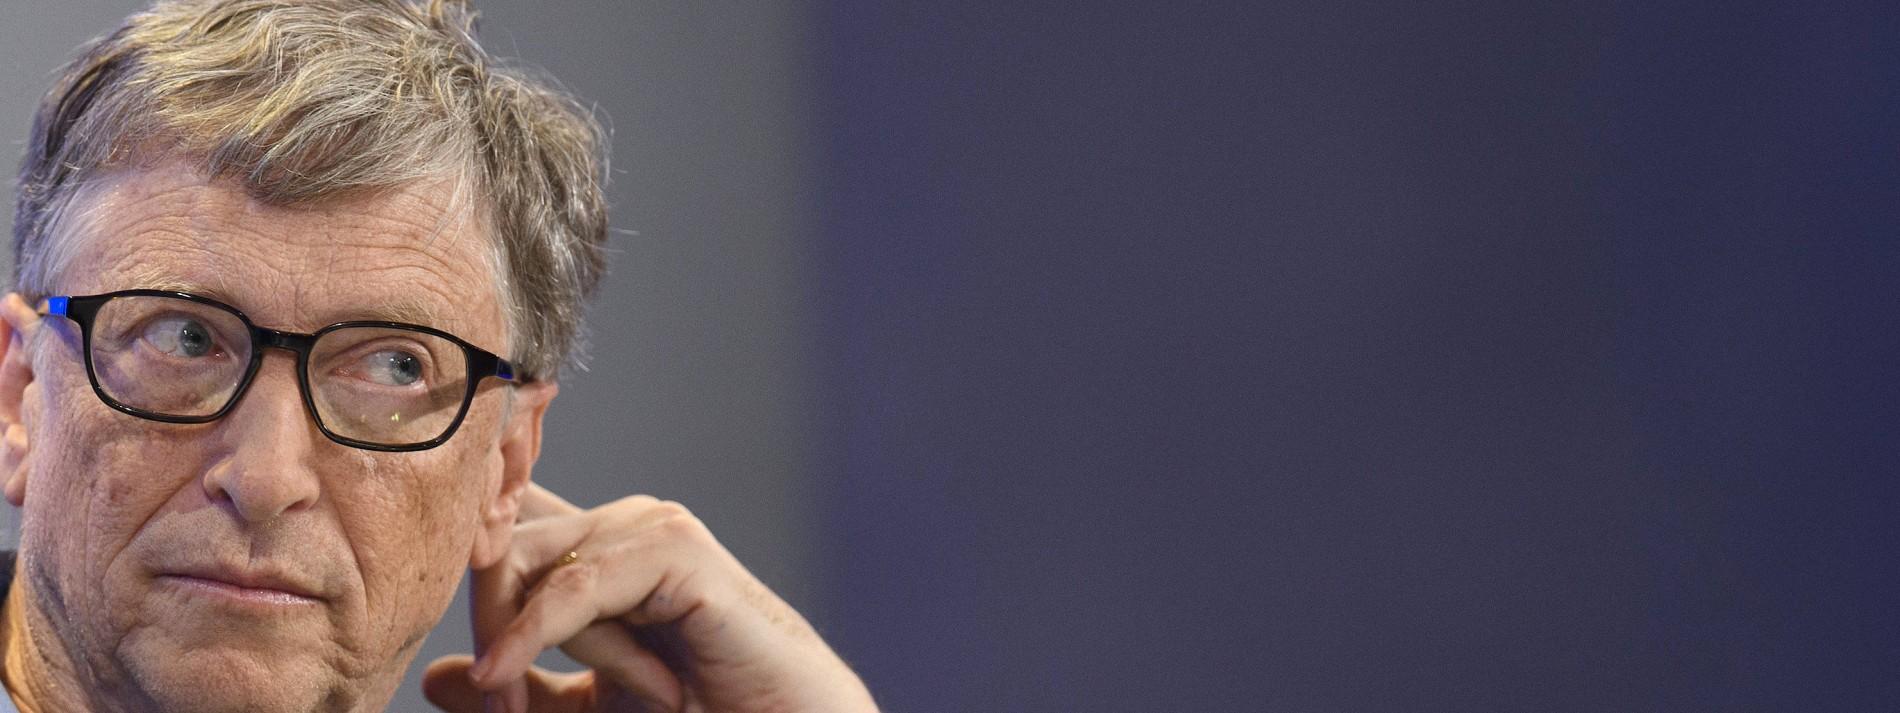 Bill Gates verkauft eine Million Apple-Aktien